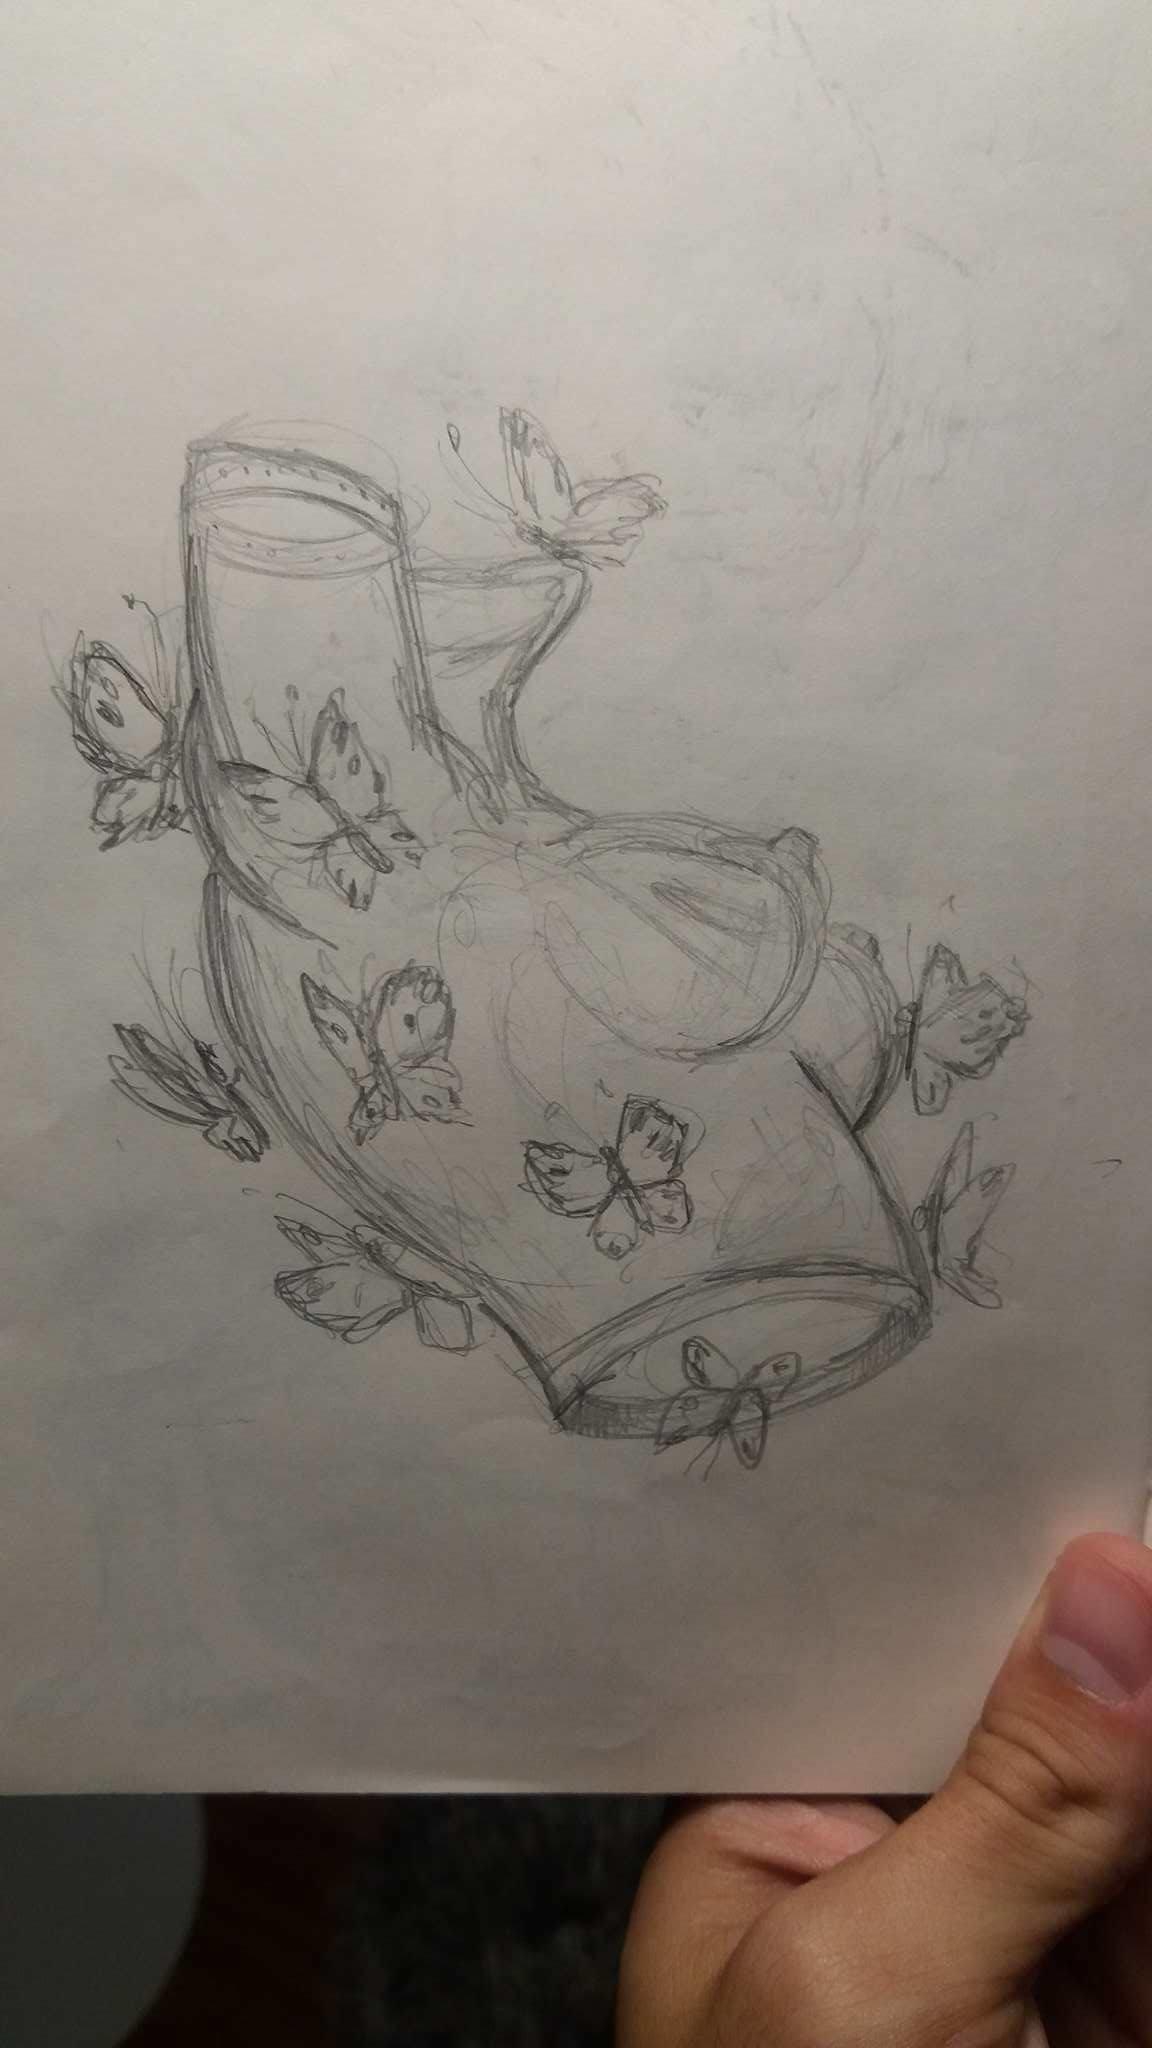 Rafael vallaperde original drawing